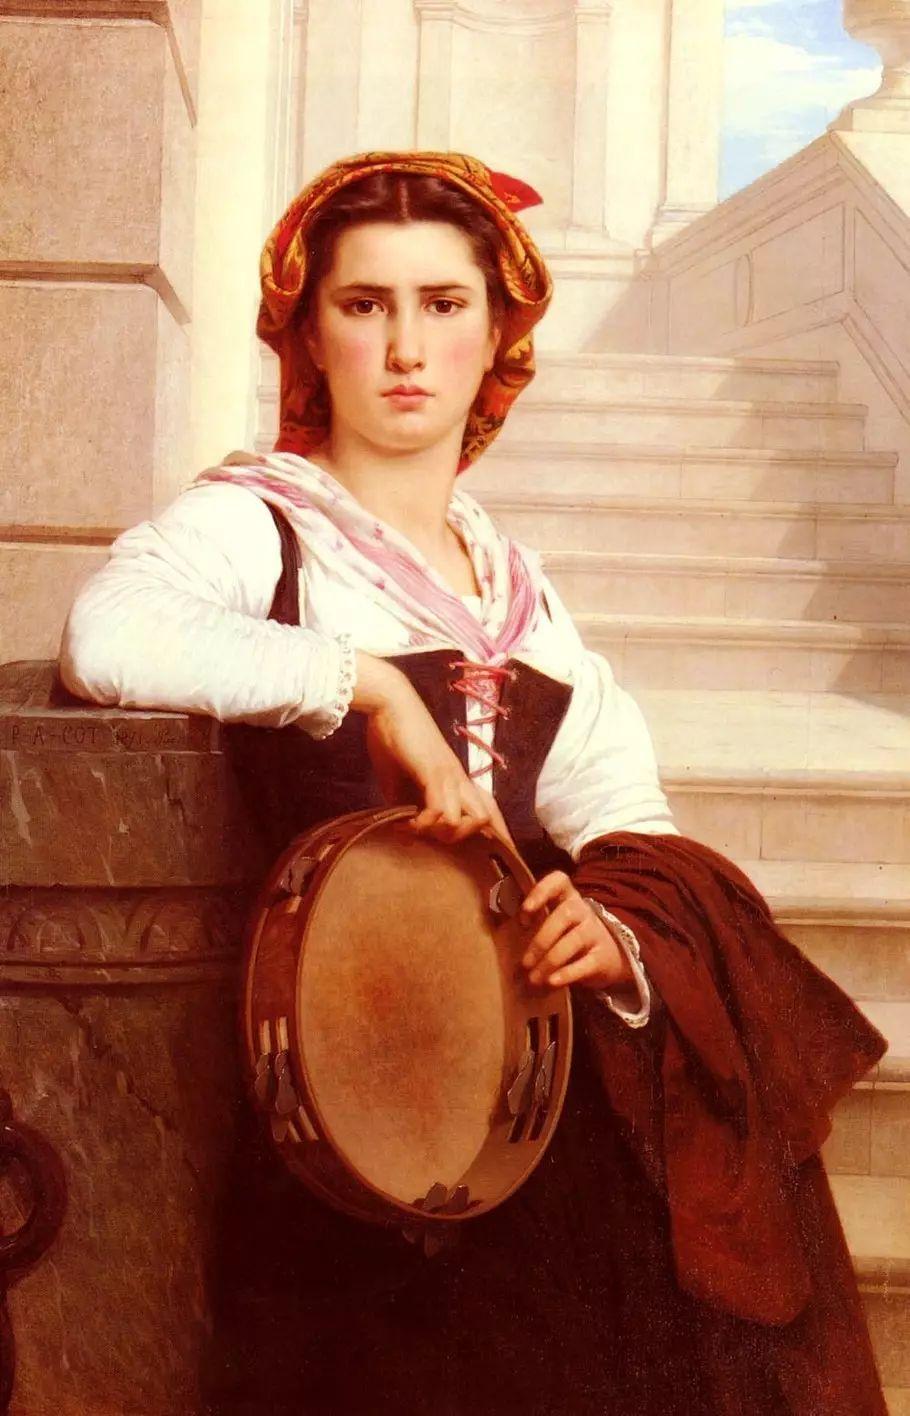 油画世界 法国皮埃尔以神迹为主题的肖像画插图15